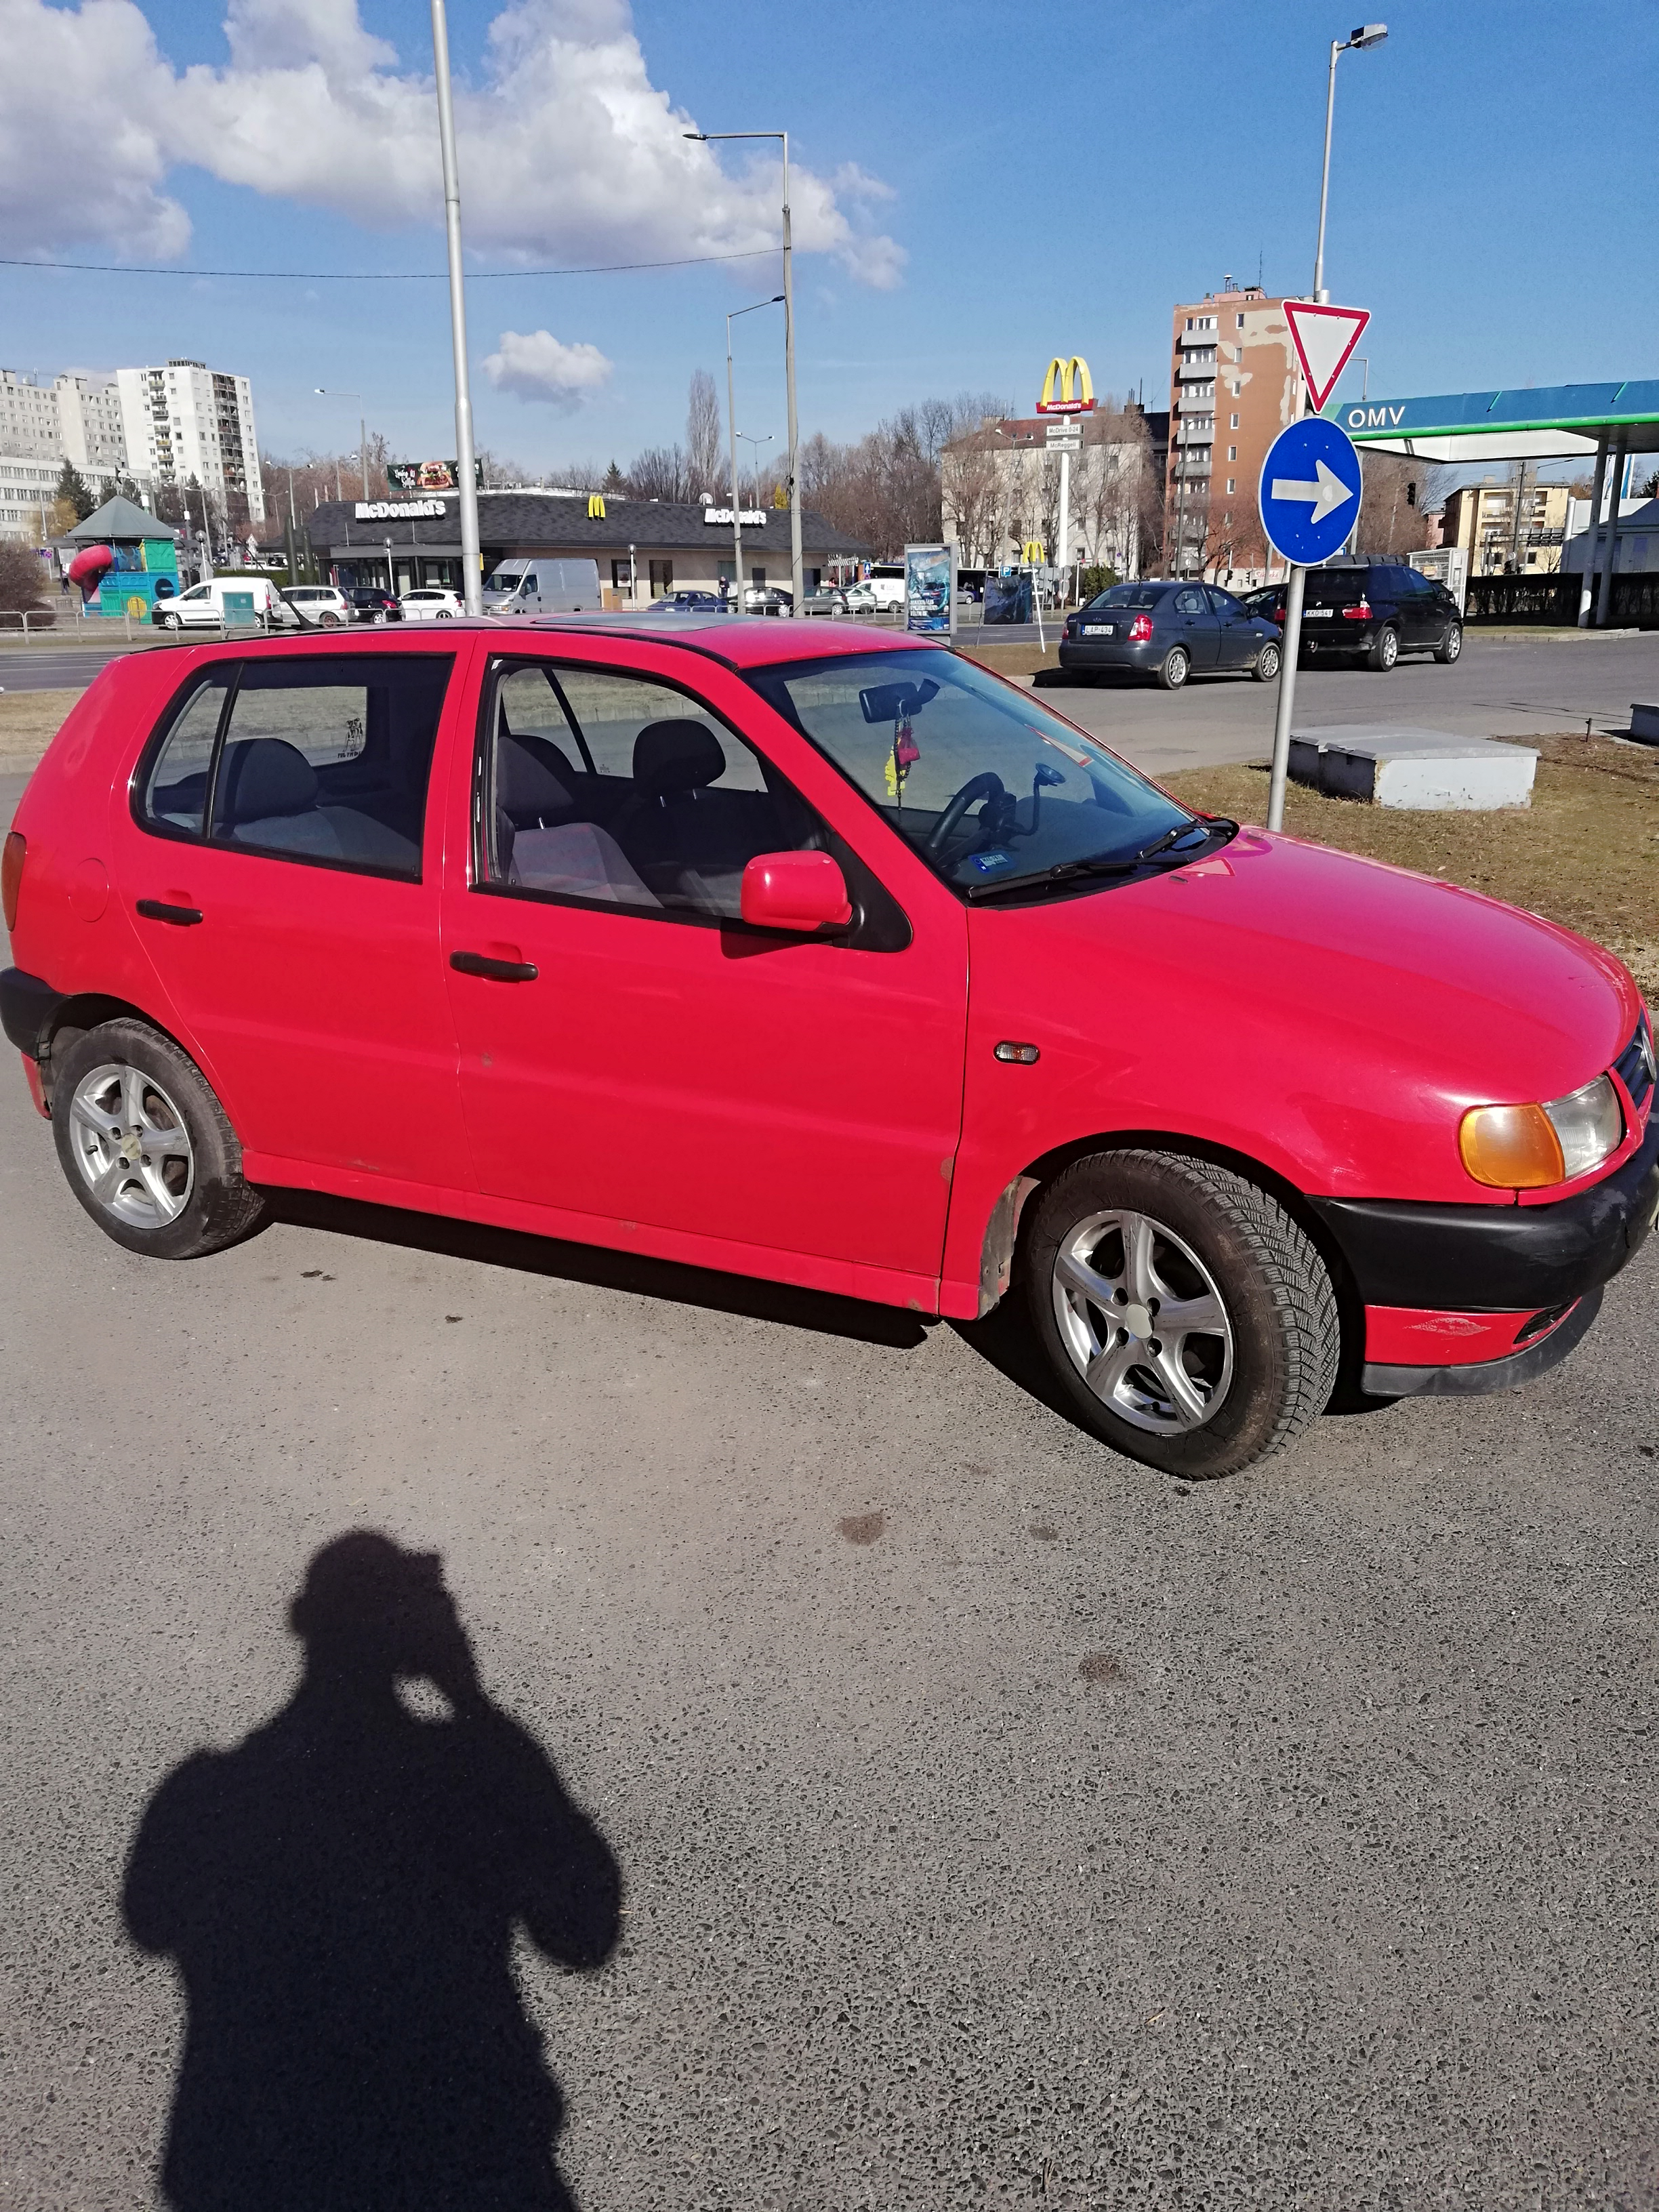 cade33bbb1 Eladó VW Polo 6n2.999cm3. - MADVESZ - Hirdess vagy keress ingyenesen